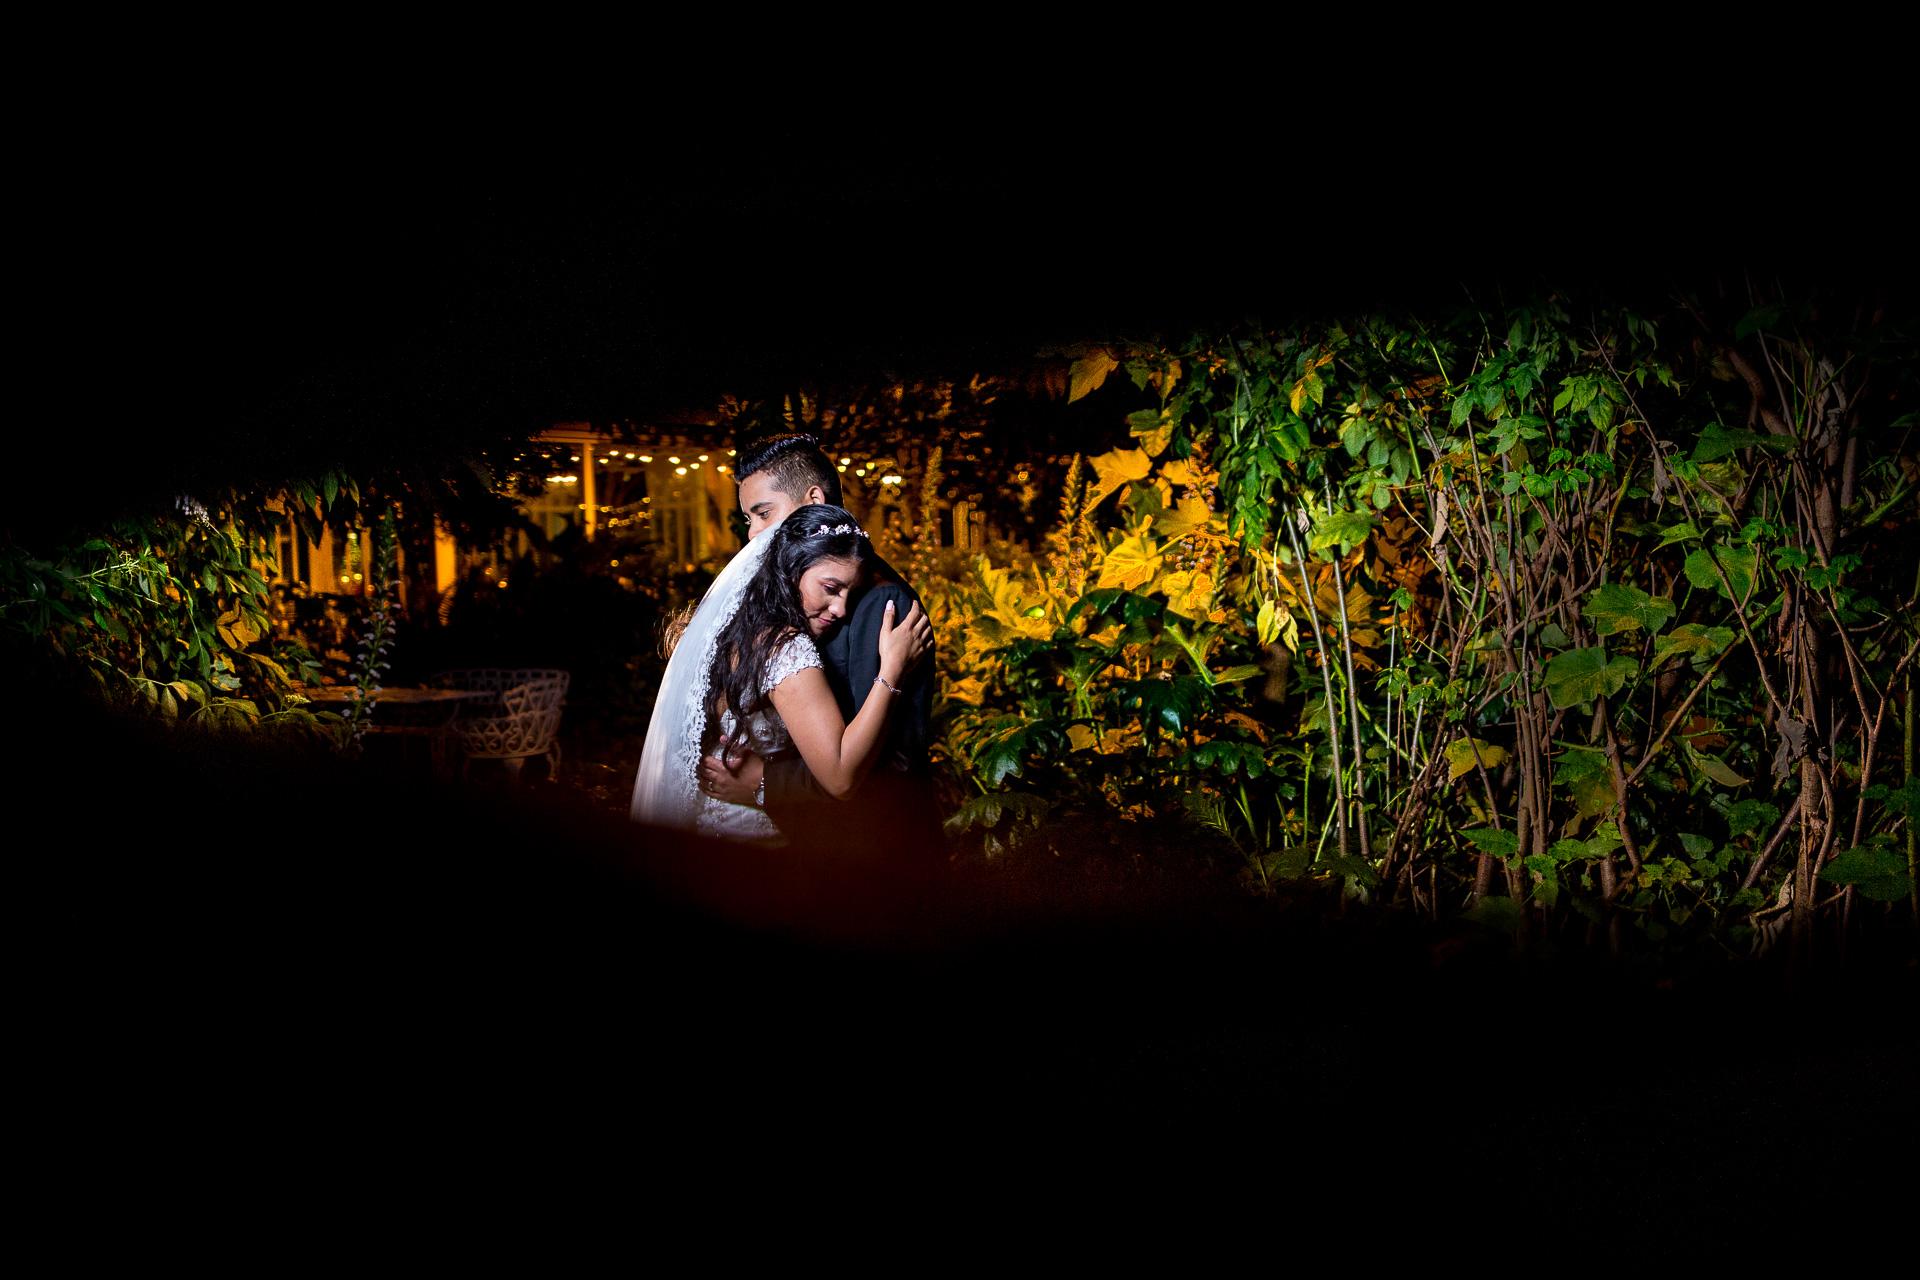 Fotógrafos-de-bodas-en-Colombia-Alejandro-y-Angelica-40 ALEJANDRO + ANGELICA